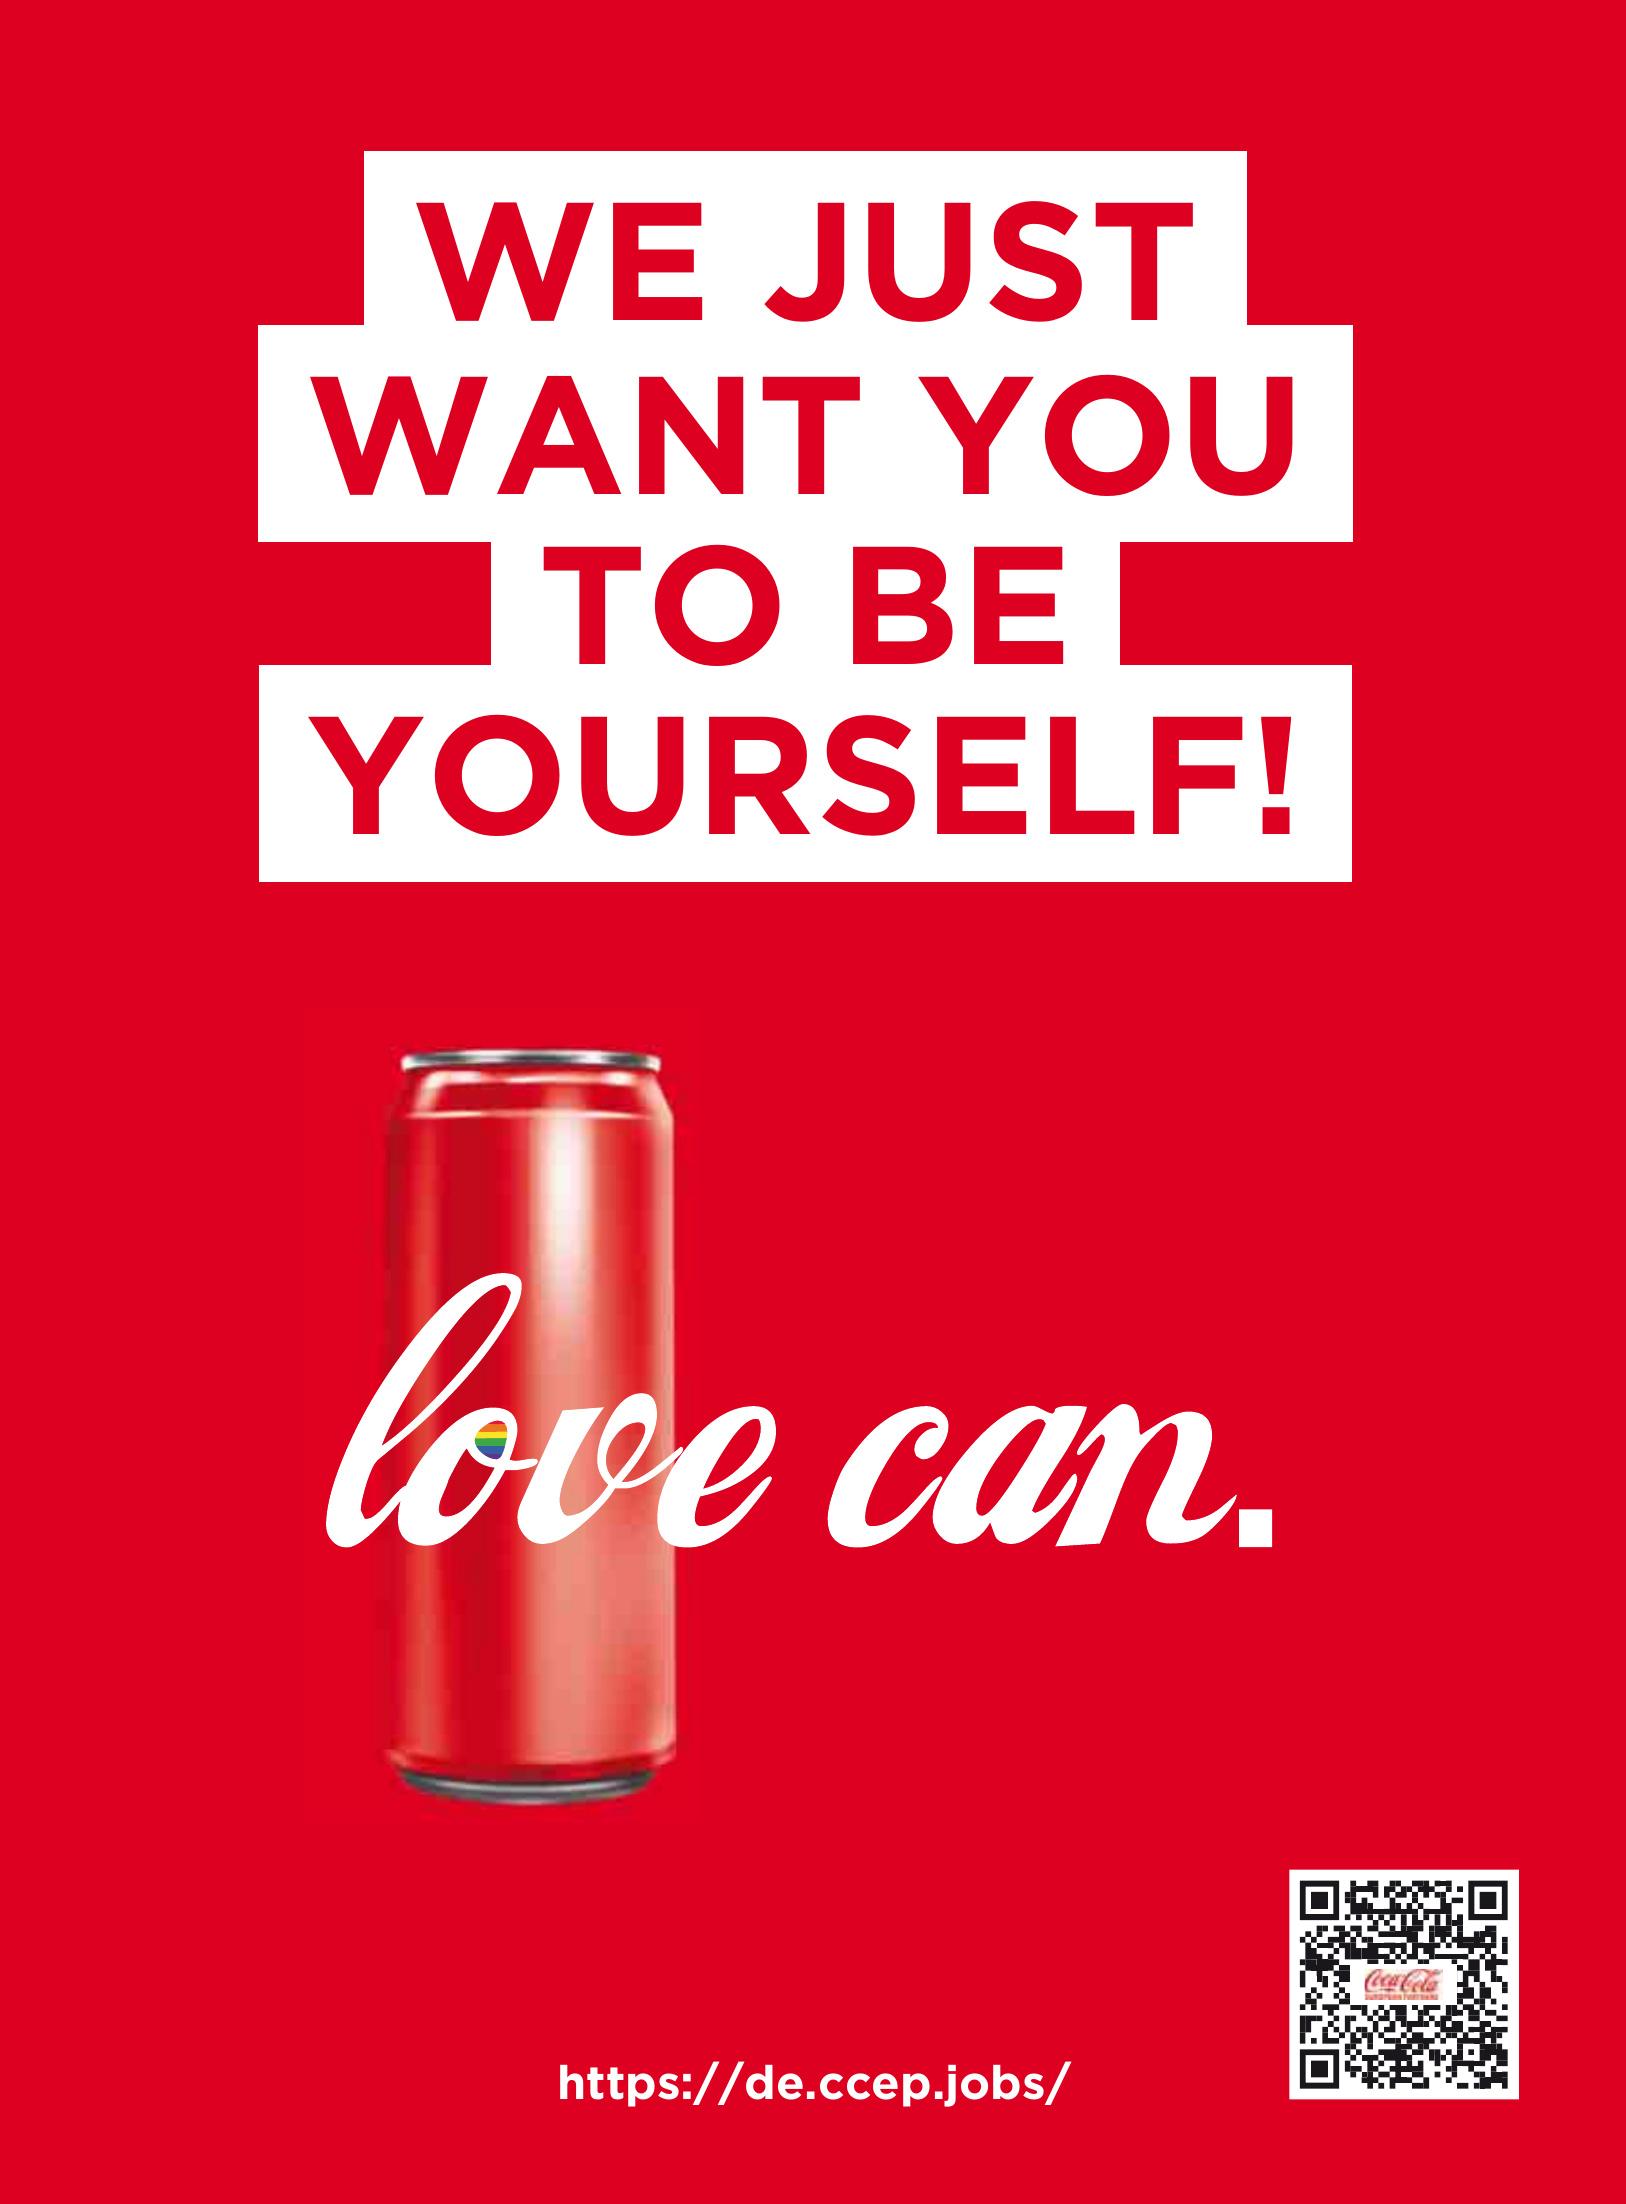 Coca Cola: love can.